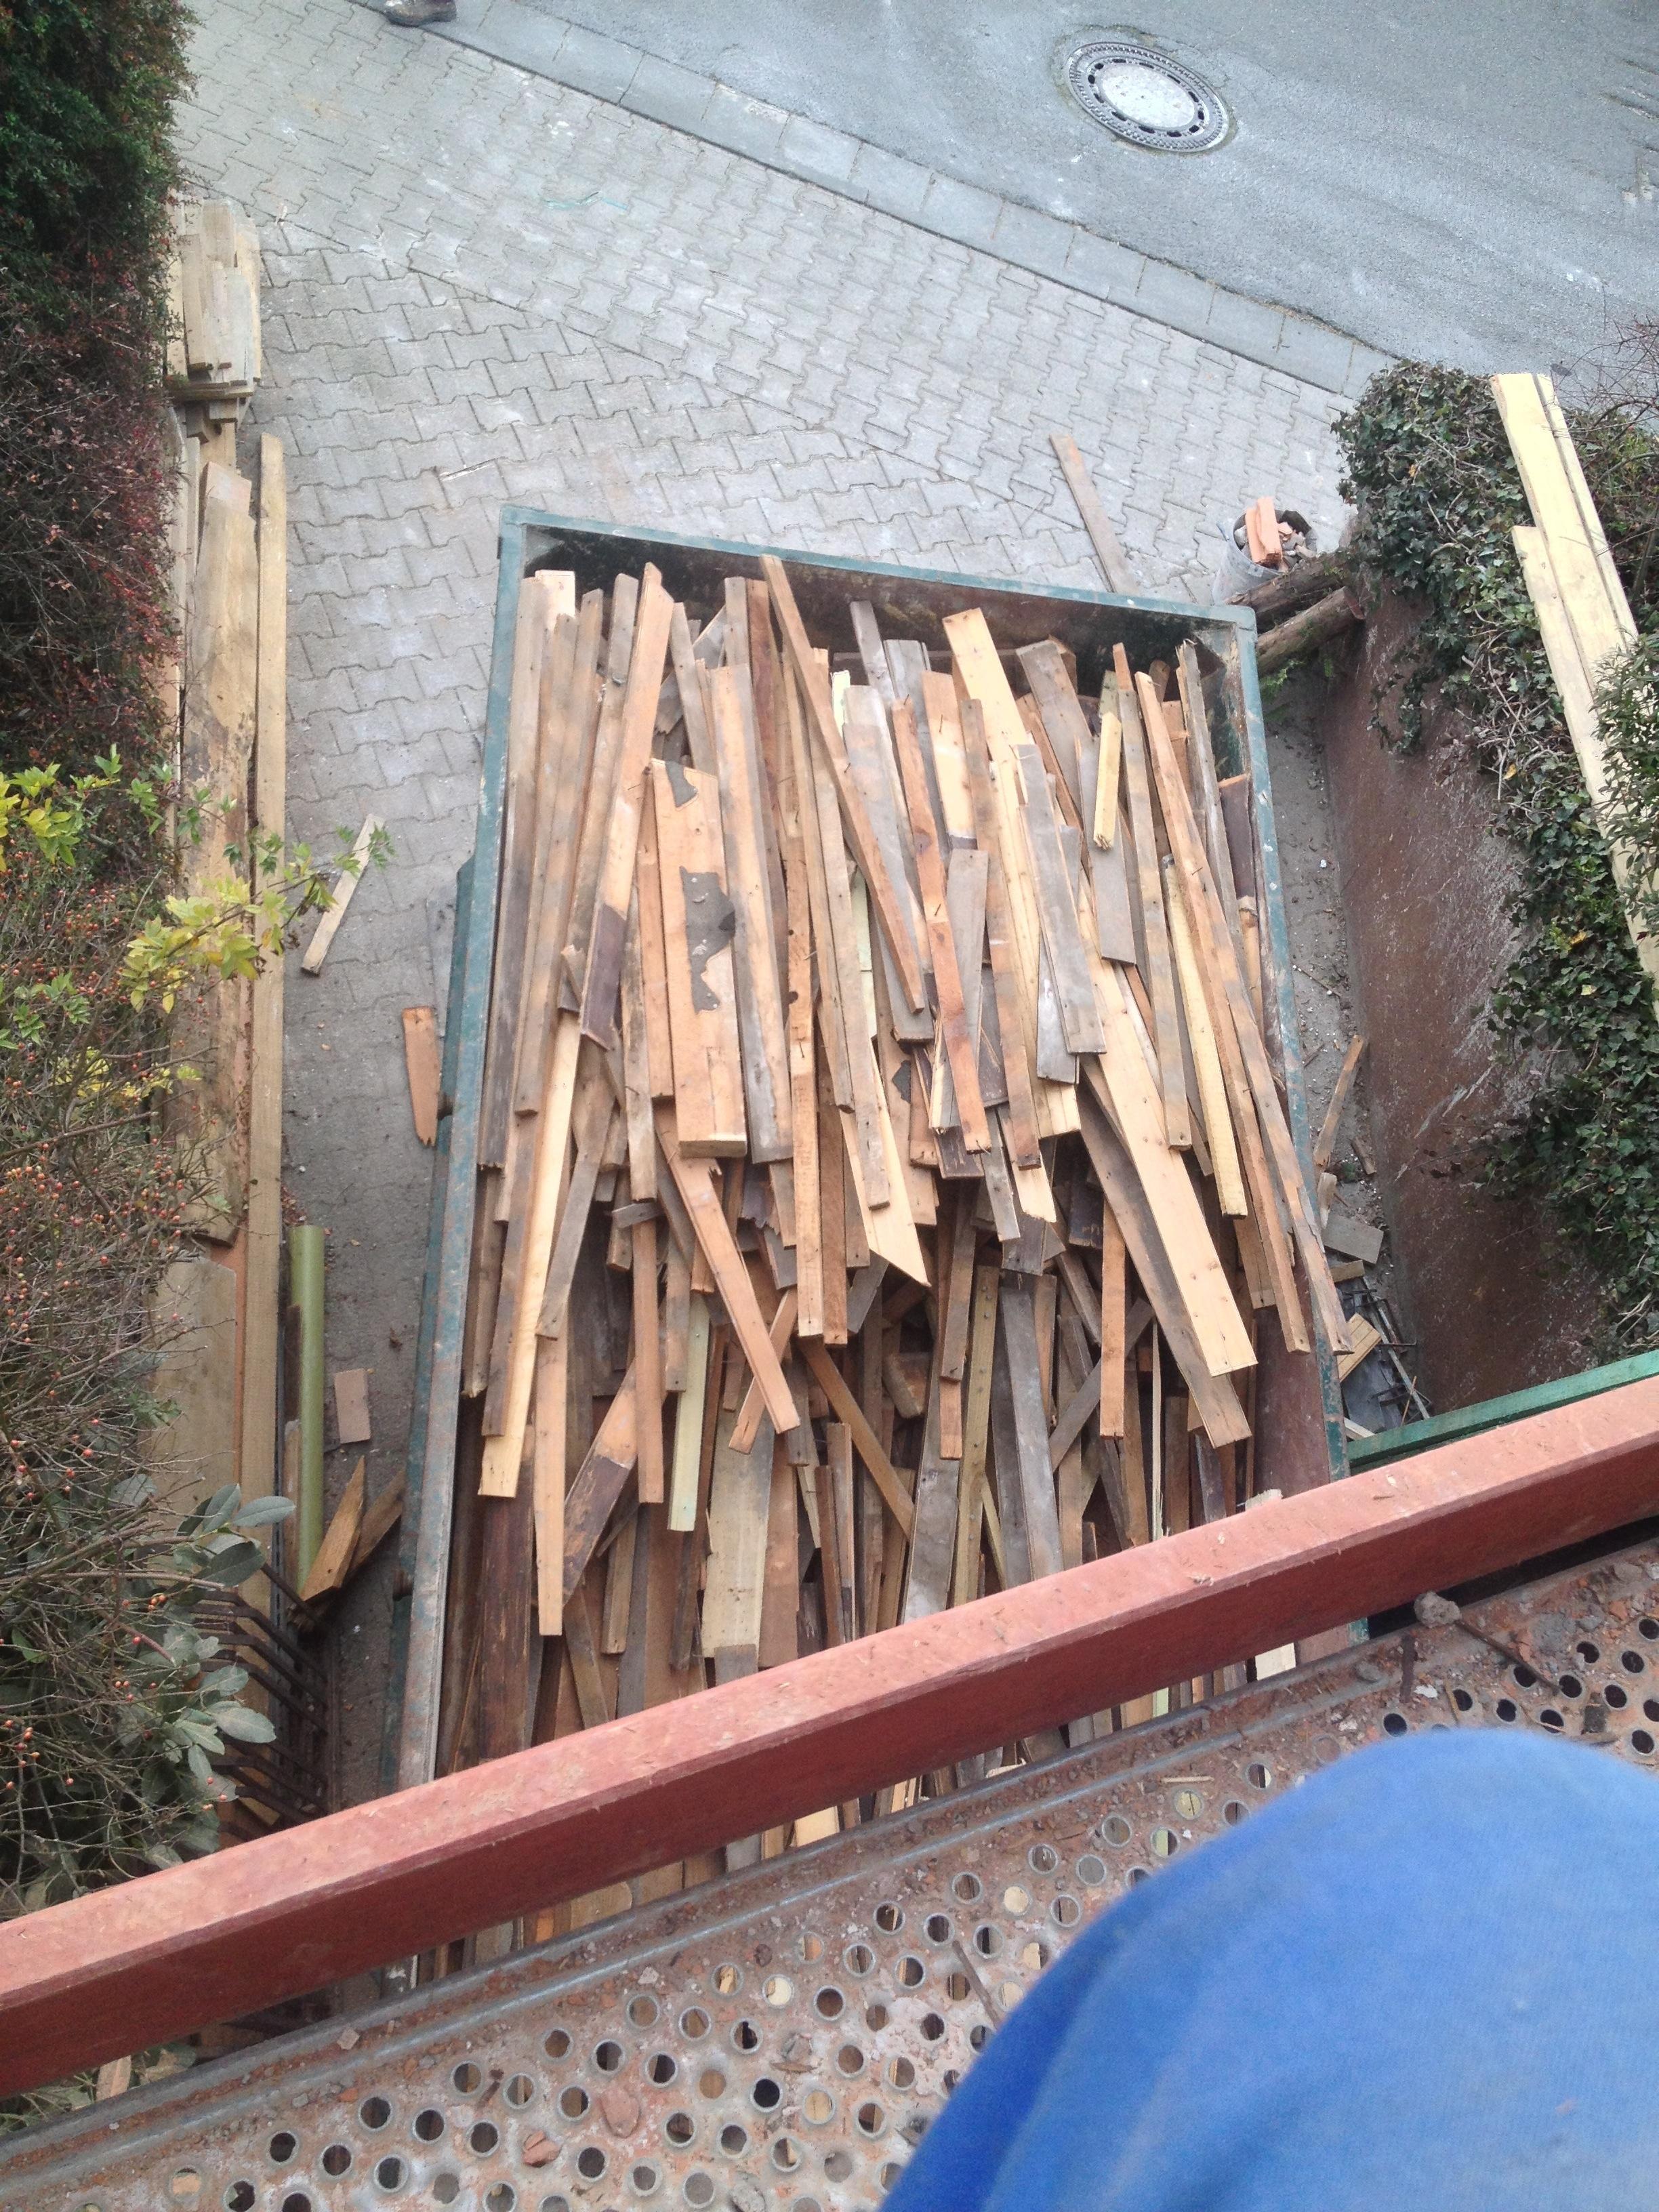 Holzcontainer von oben